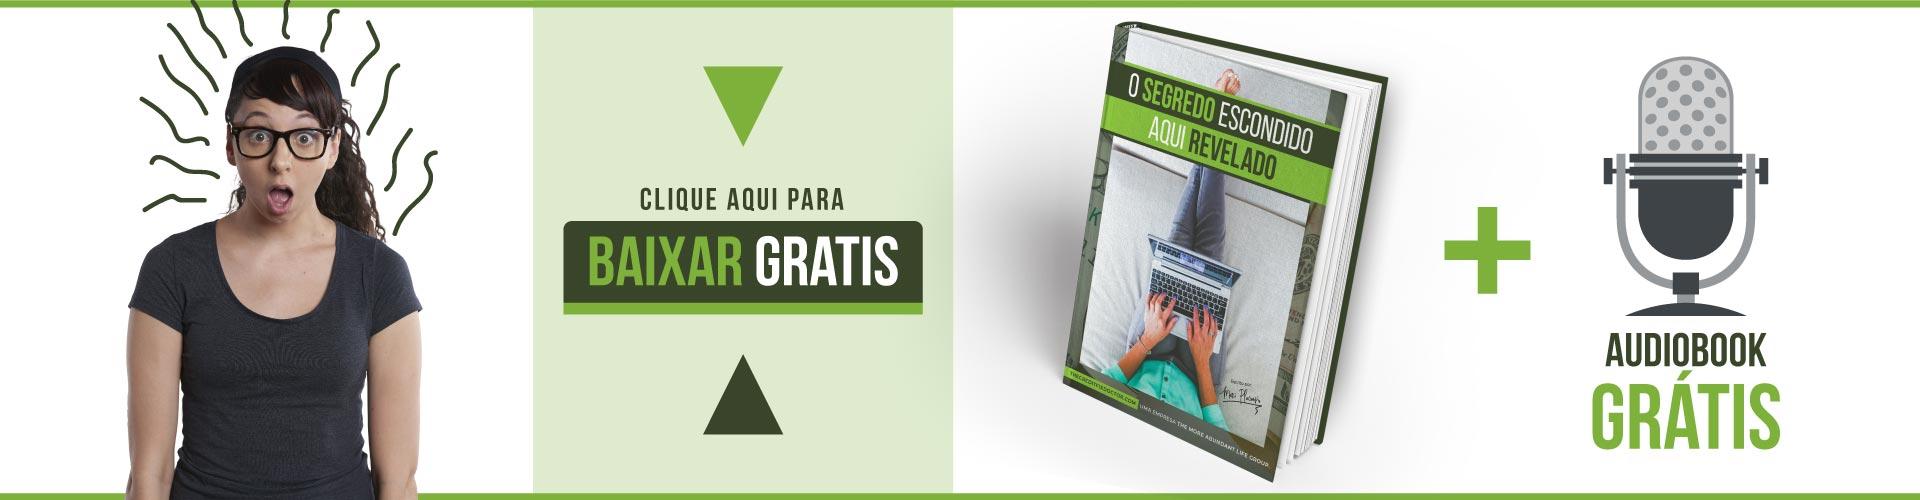 Baixar Gratis - Audiobook + Ebook - The Credit Fix Doctor - Tax Lien - 3